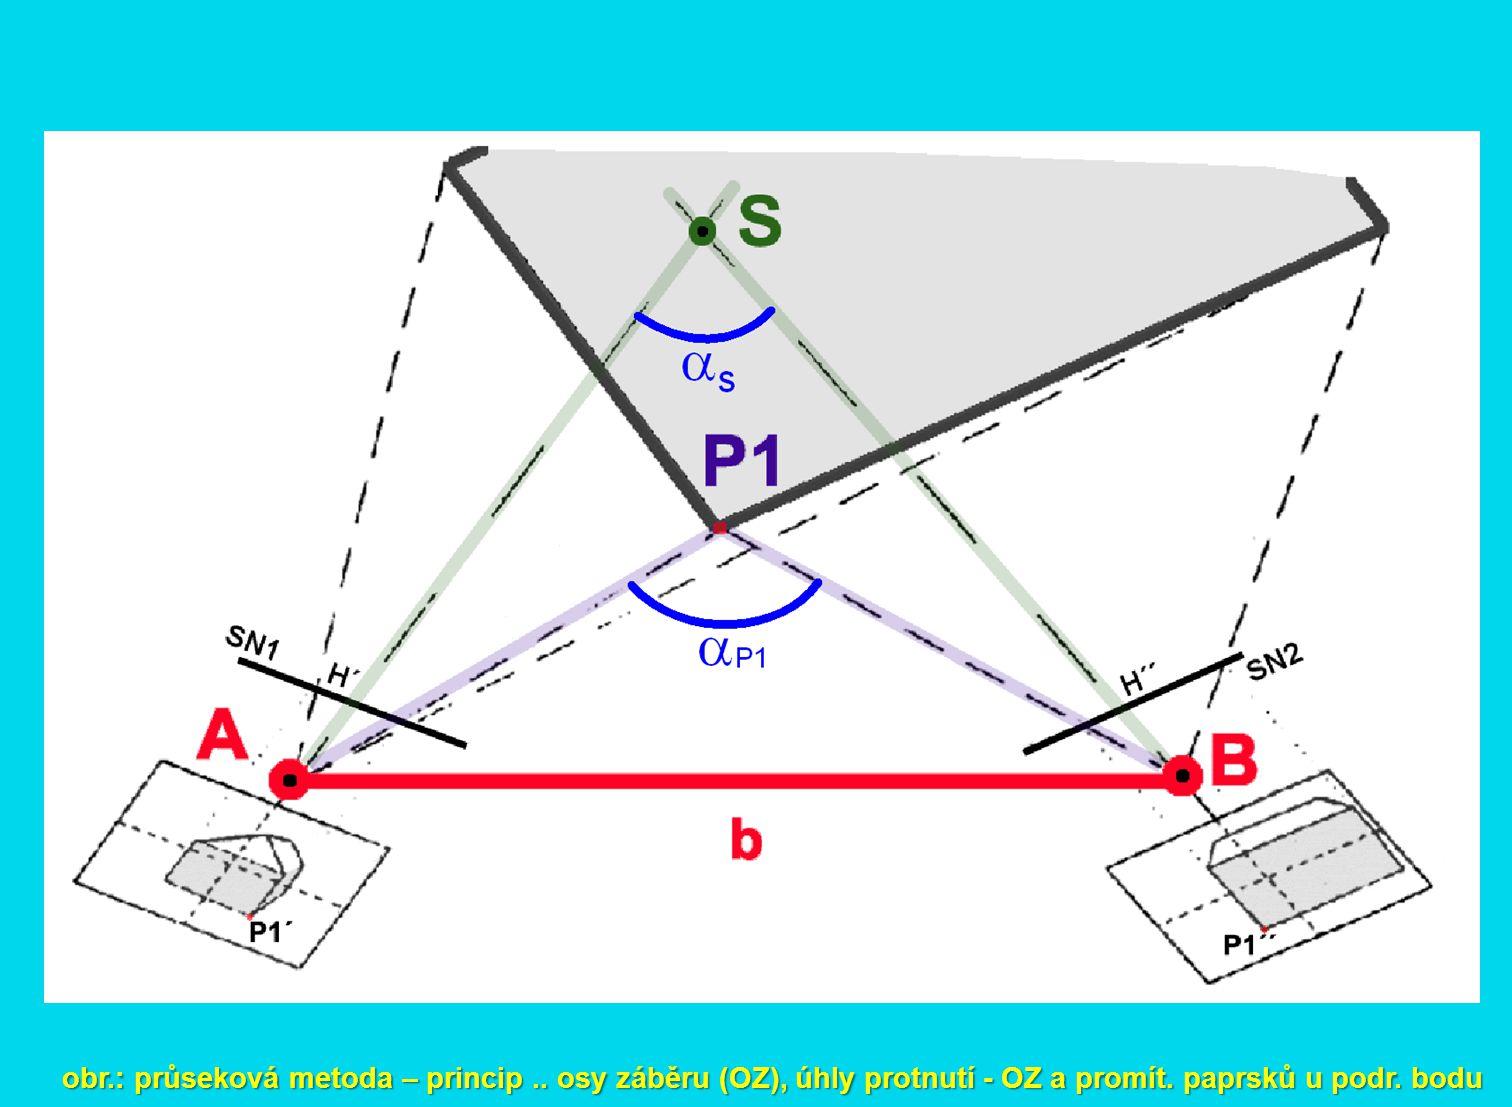 obr.: průseková metoda – princip.. osy záběru (OZ), úhly protnutí - OZ a promít. paprsků u podr. bodu